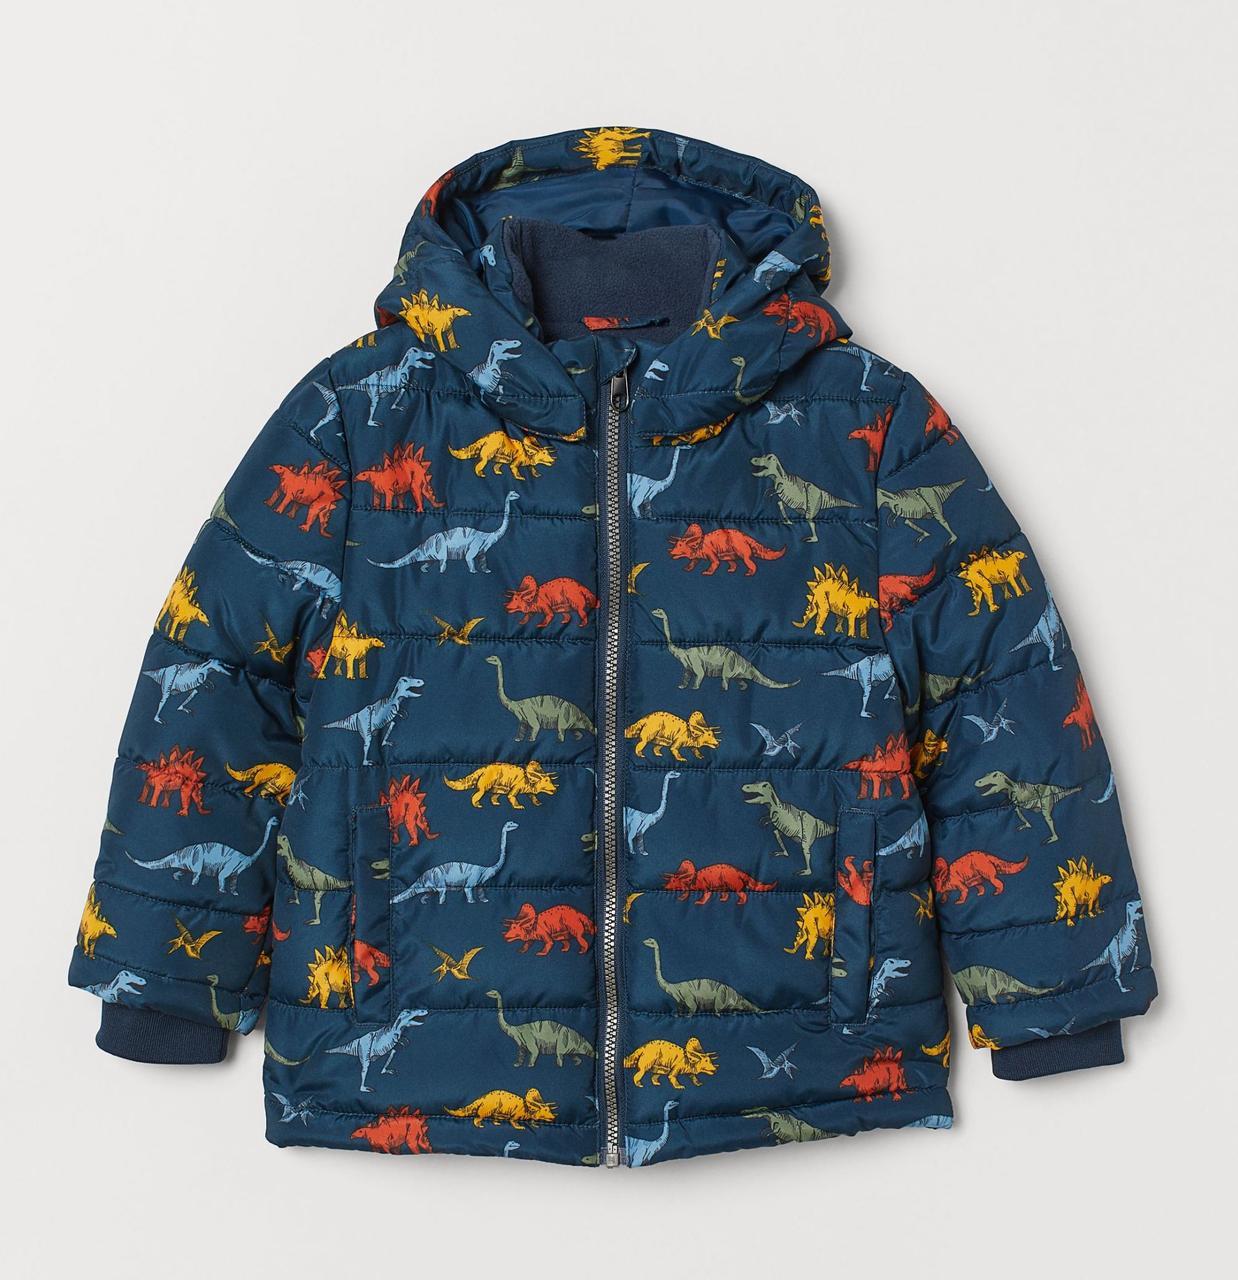 Демисезонная куртка с динозаврами для мальчика H&M Швеция Размер 128